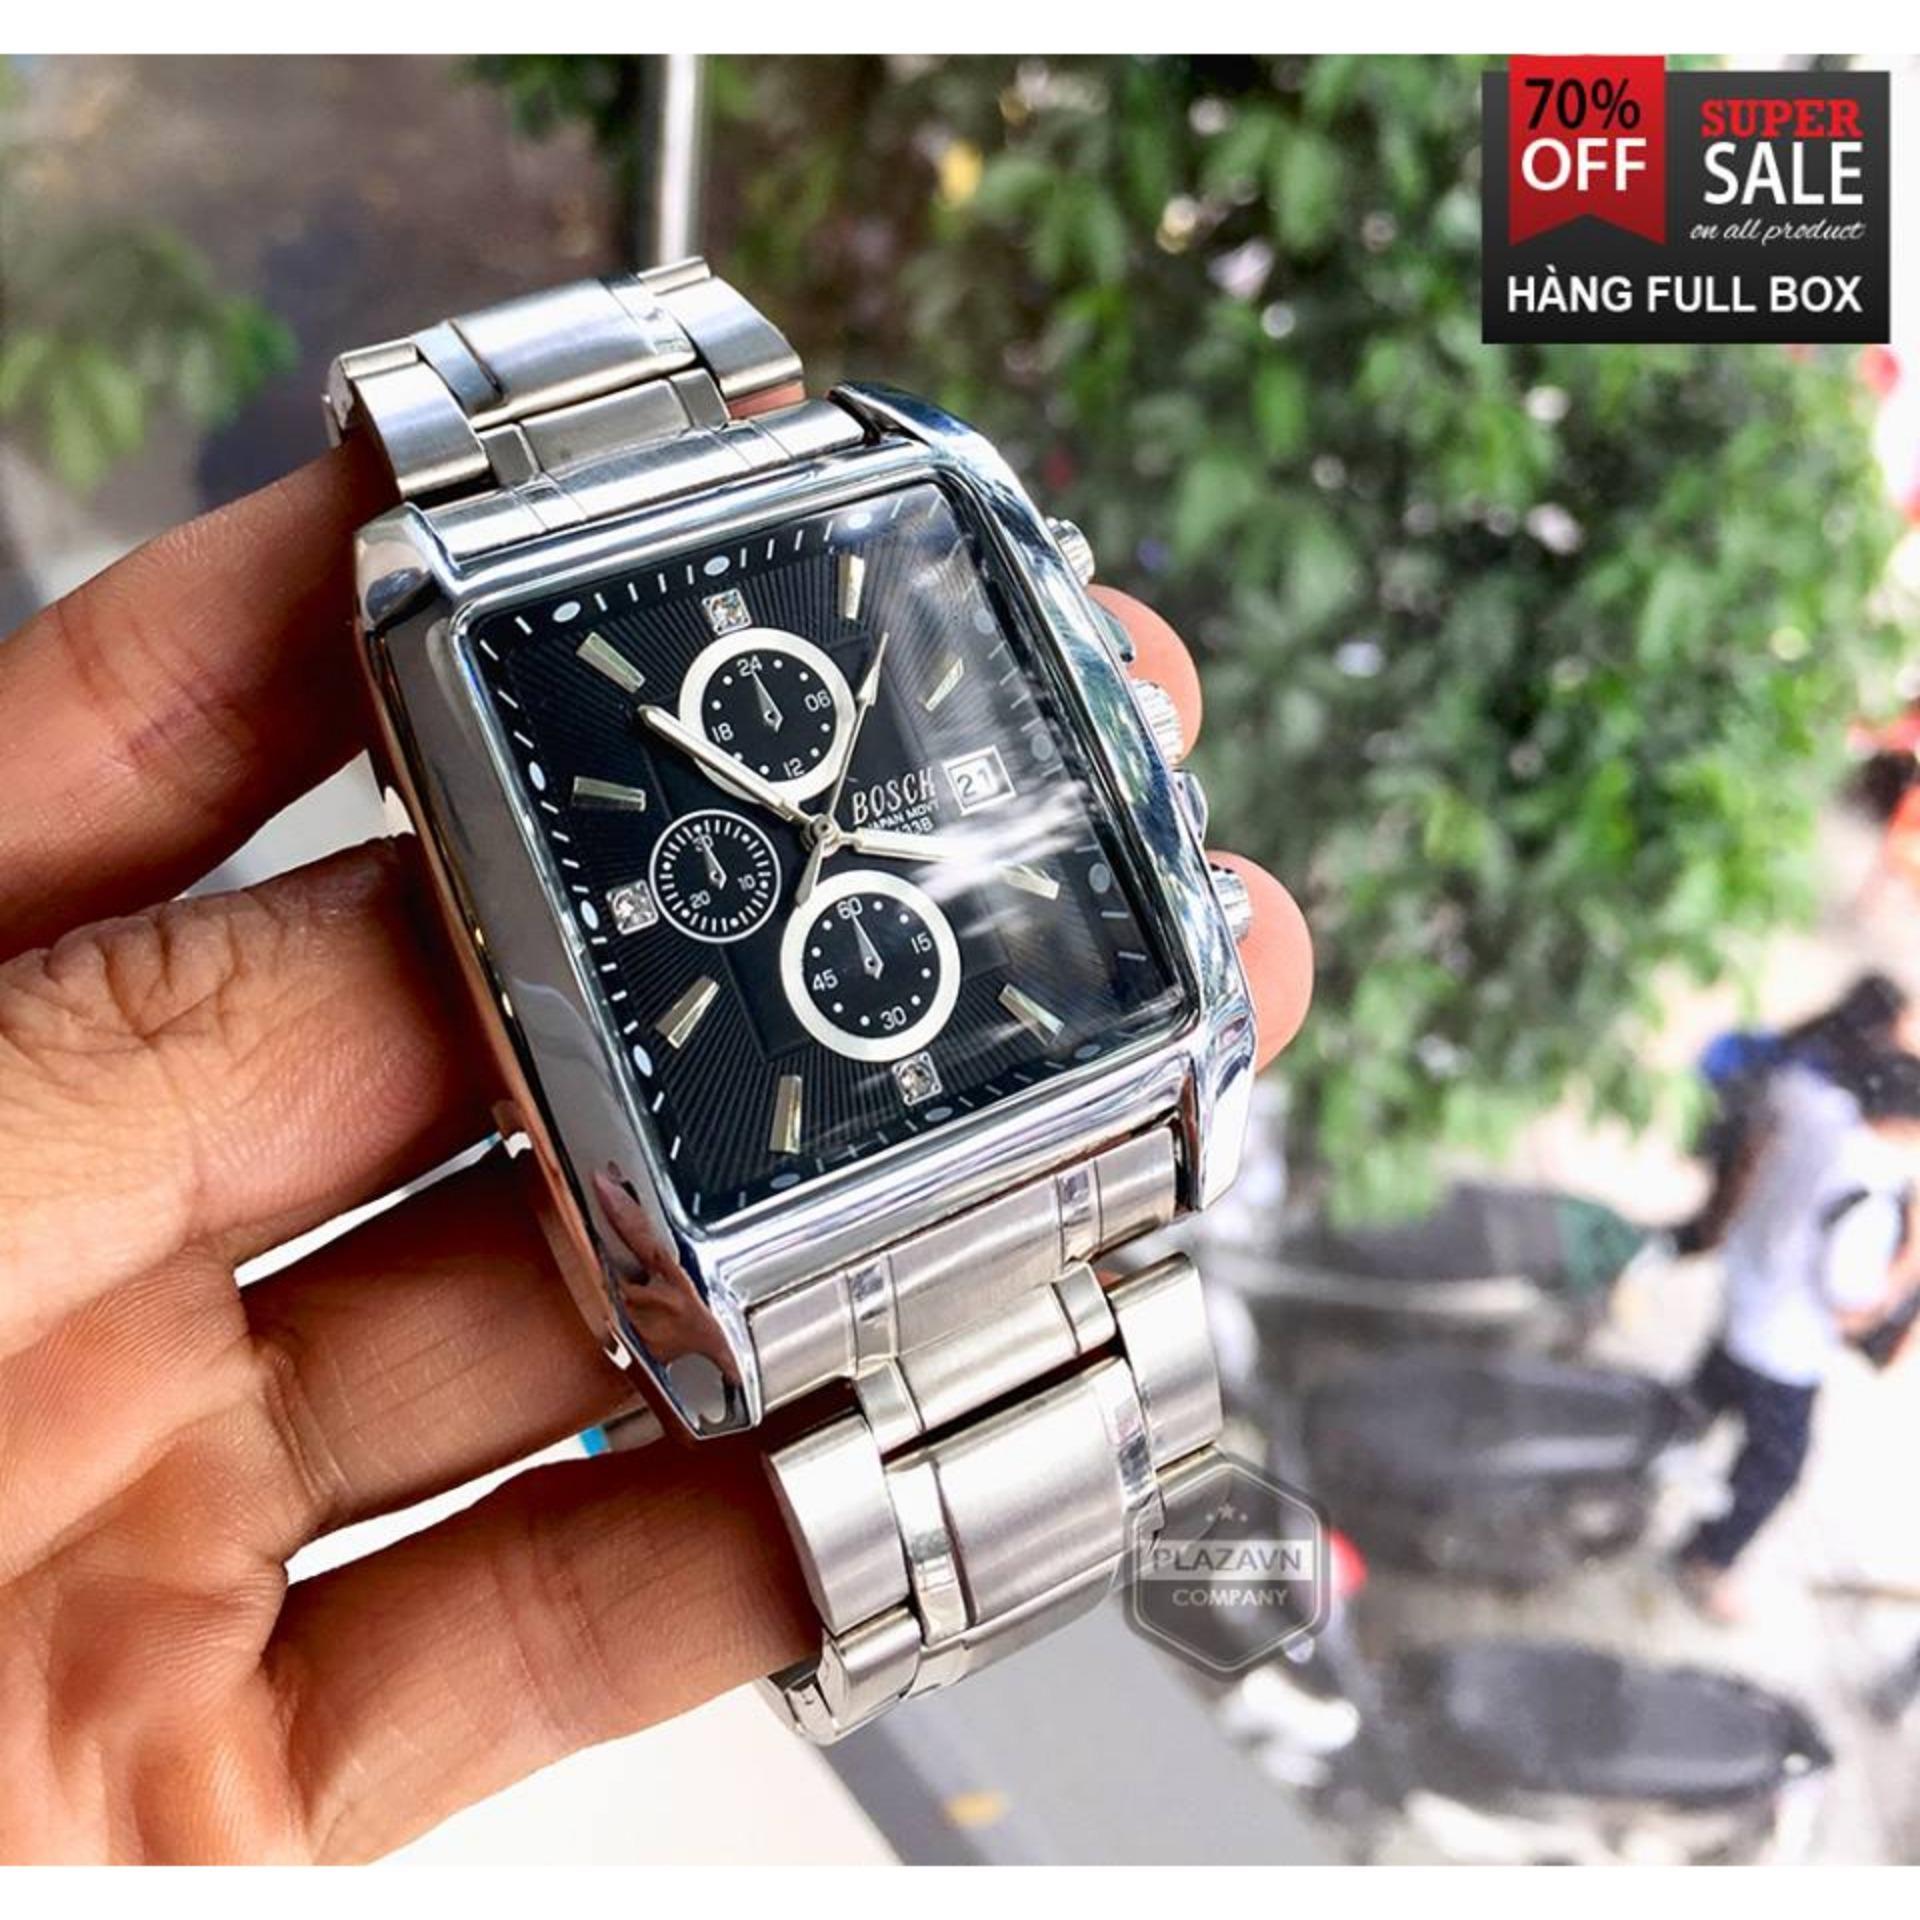 (NEW MODEL) Đồng hồ nam BOSCK 3133G dây thép bạc, mặt vuông, chống xước chống nước, lịch ngày + QUÀ TẶNG